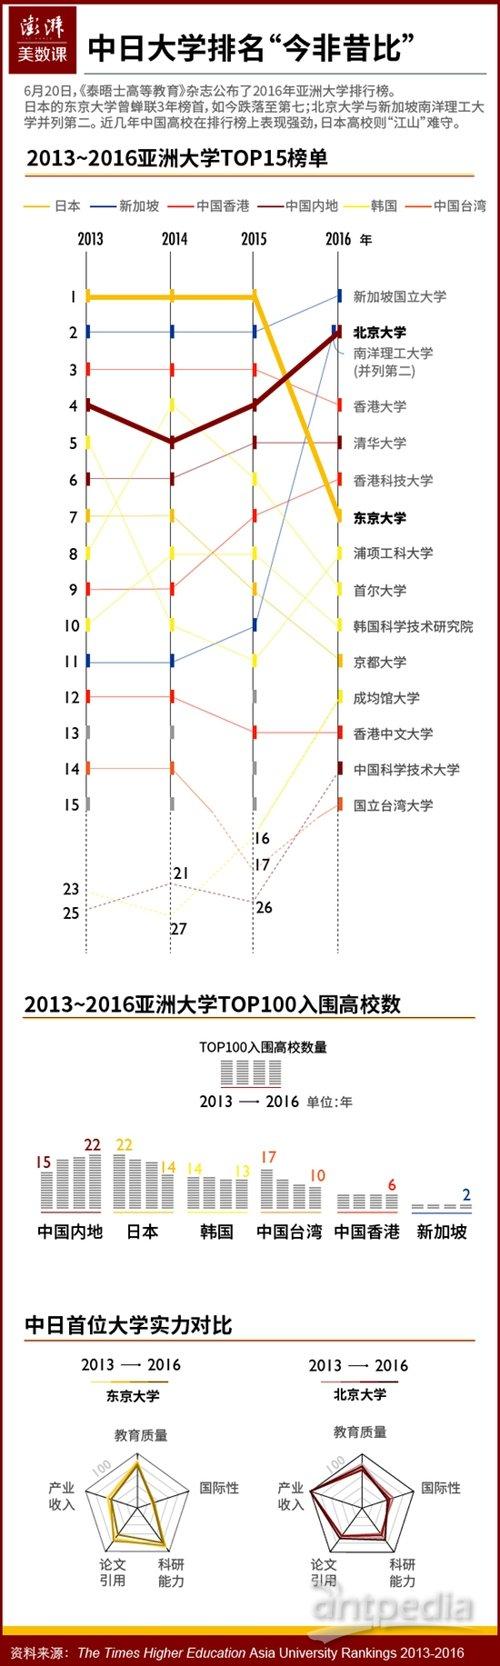 英国杂志公布亚洲大学排名:中日大学今非昔比